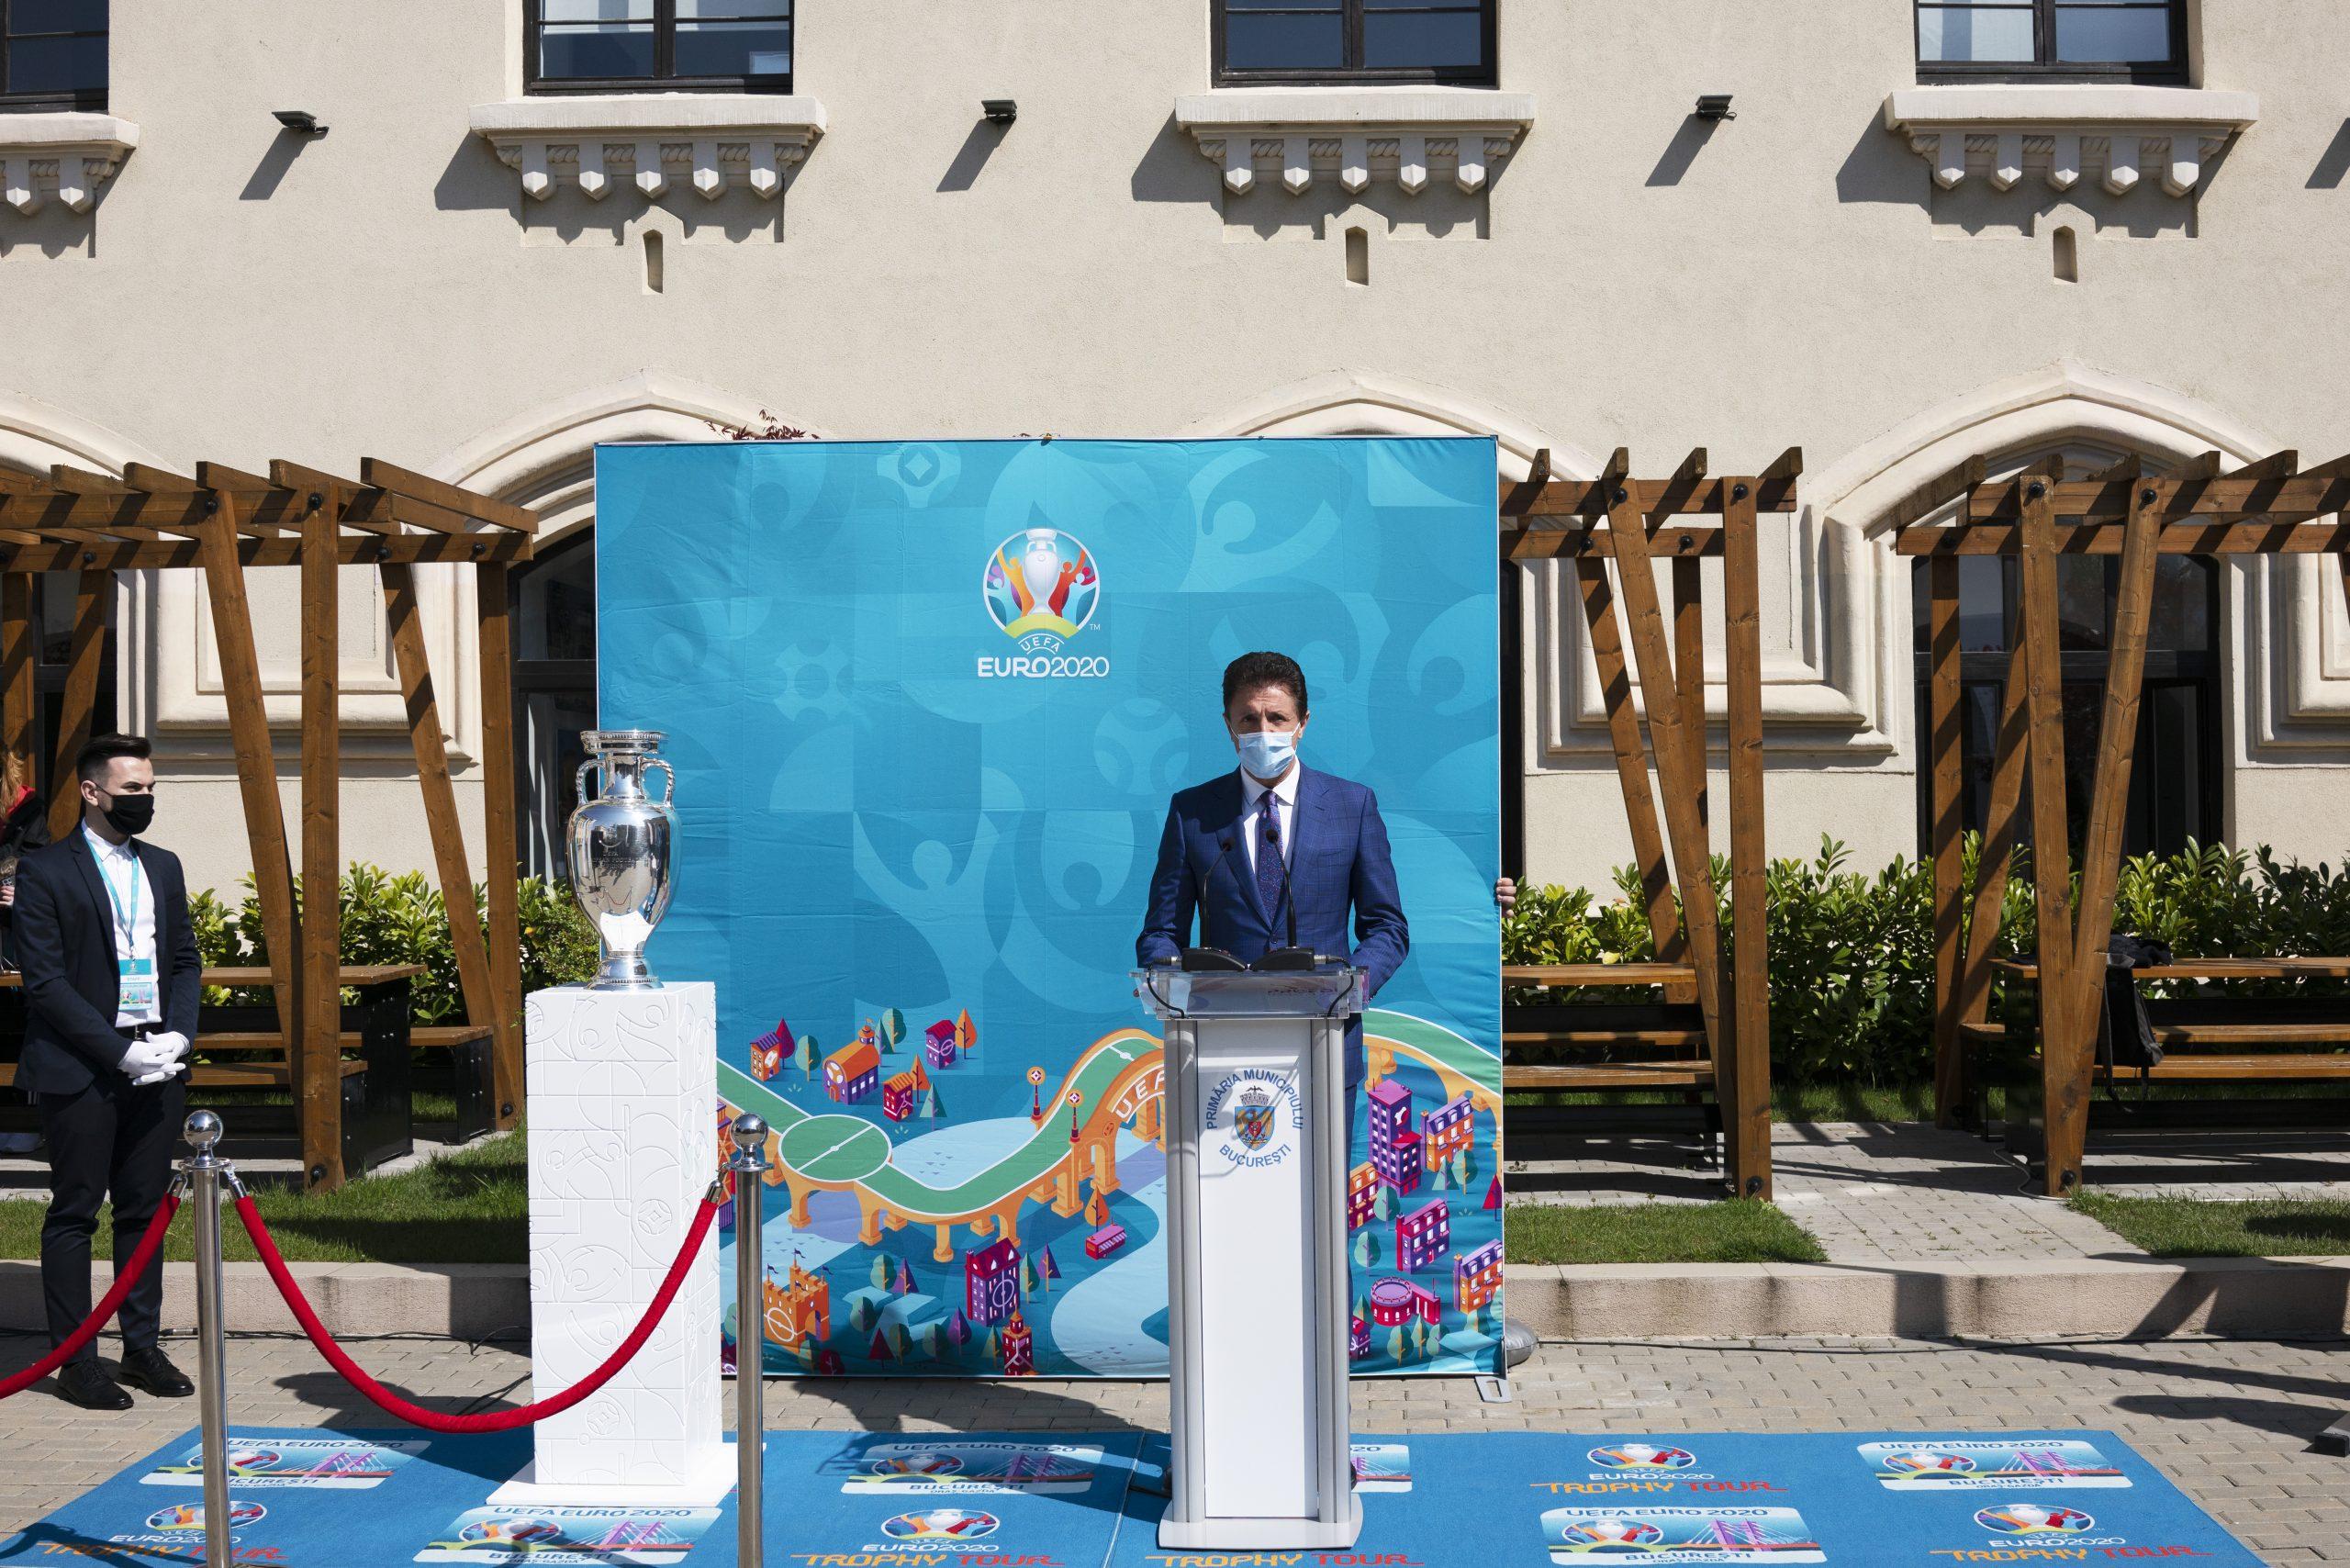 """Trofeul UEFA EURO 2020 a ajuns în Capitală. Nicușor Dan: """"Vă asigur că Bucureştiul va fi o gazdă primitoare"""""""